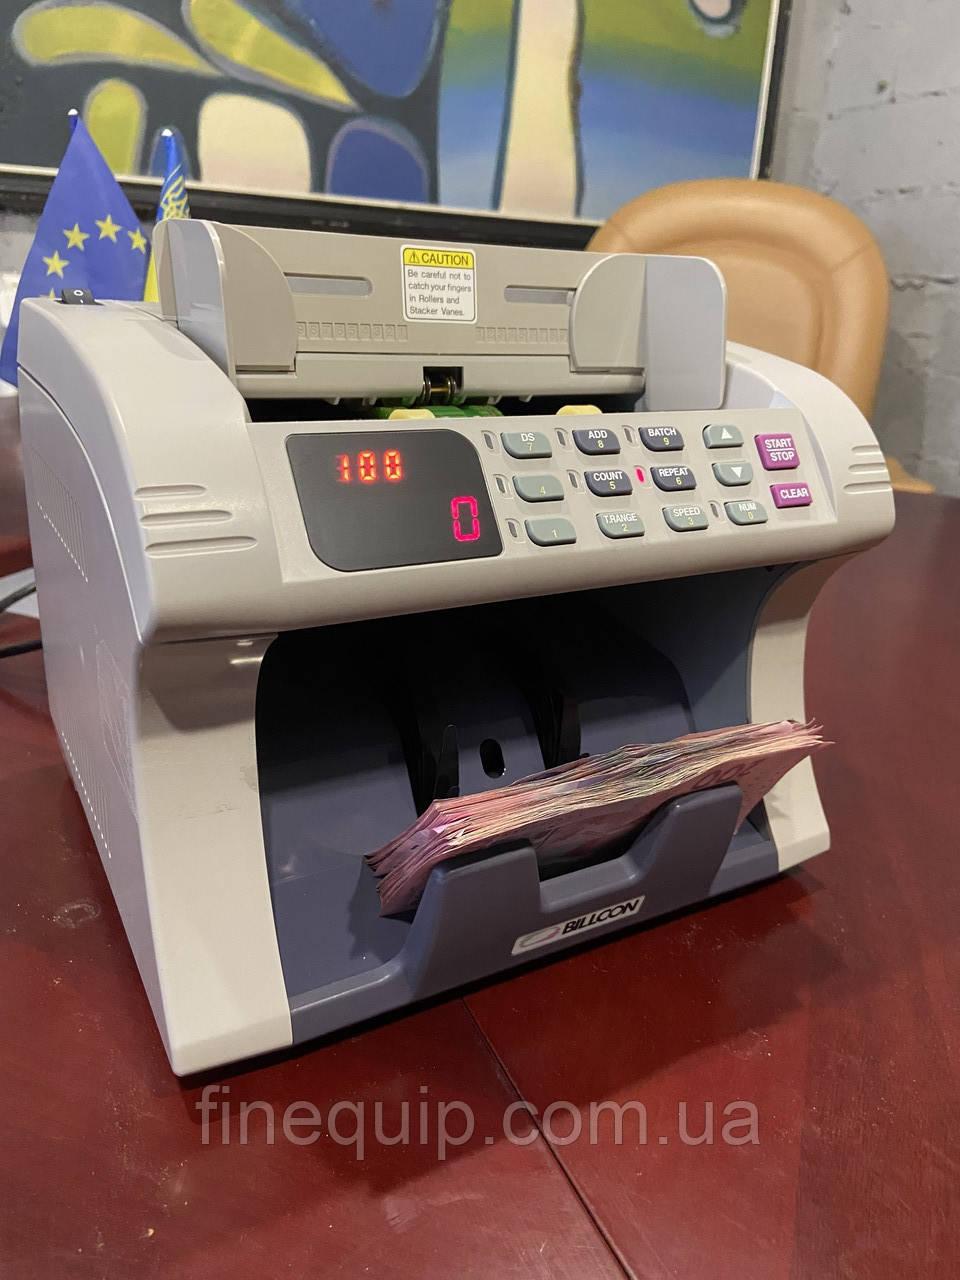 Счетчик банкнот валют Billcon N120 б/у